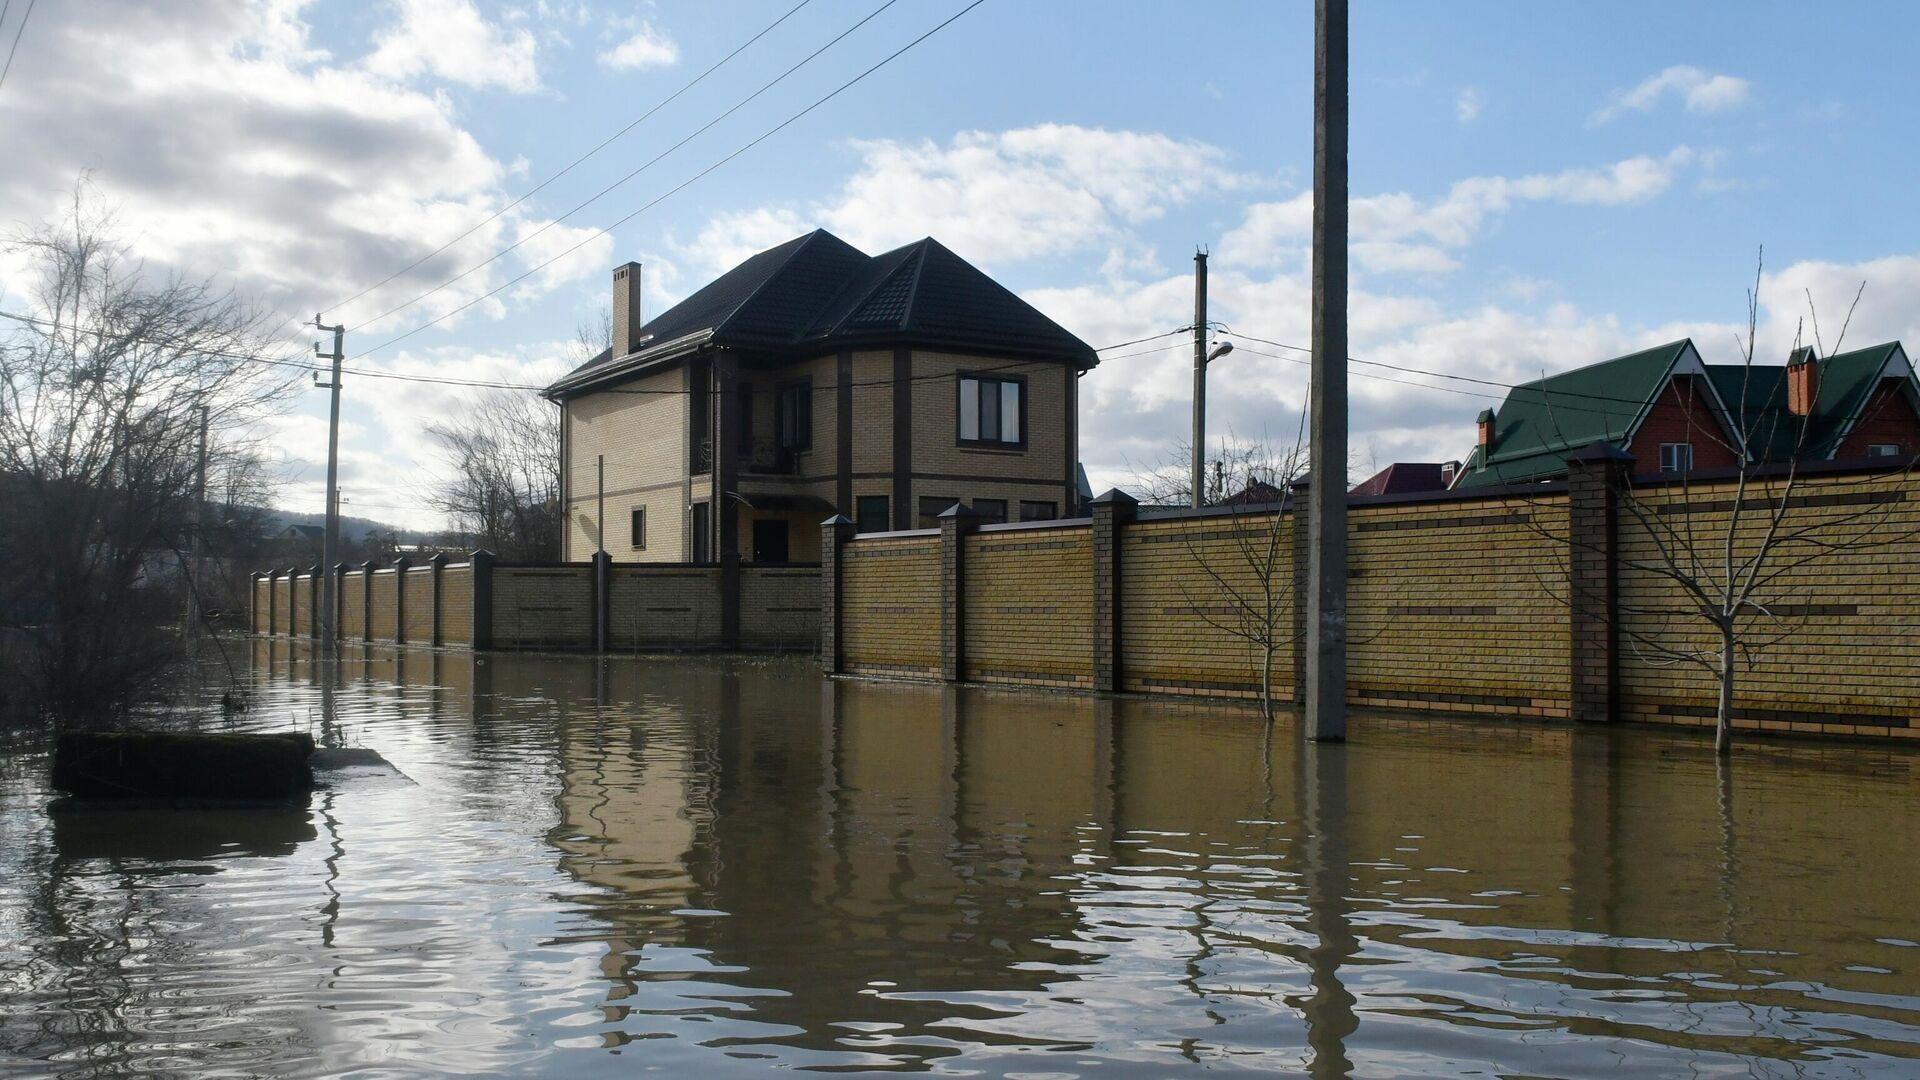 Затопленная улица в городе Горячий ключ Краснодарского края - РИА Новости, 1920, 27.03.2021